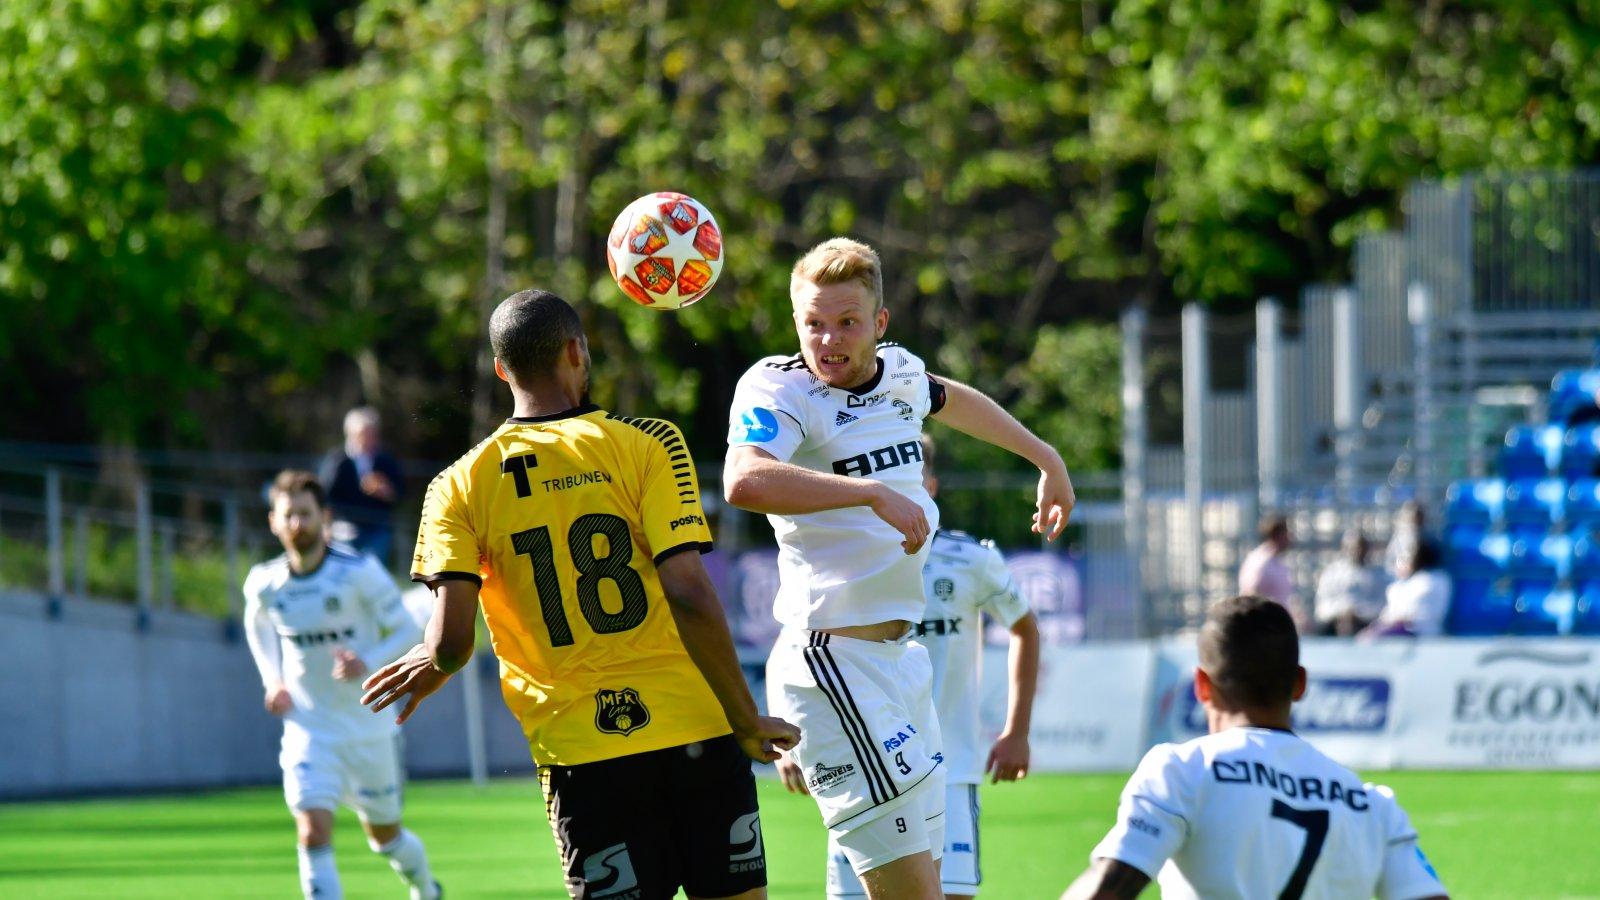 Fabian Stensrud Ness la ned en fantastisk innsats og ble også belønnet med en scoring mot sin tidligere klubb. FOTO: Alf Joachim Altenborg